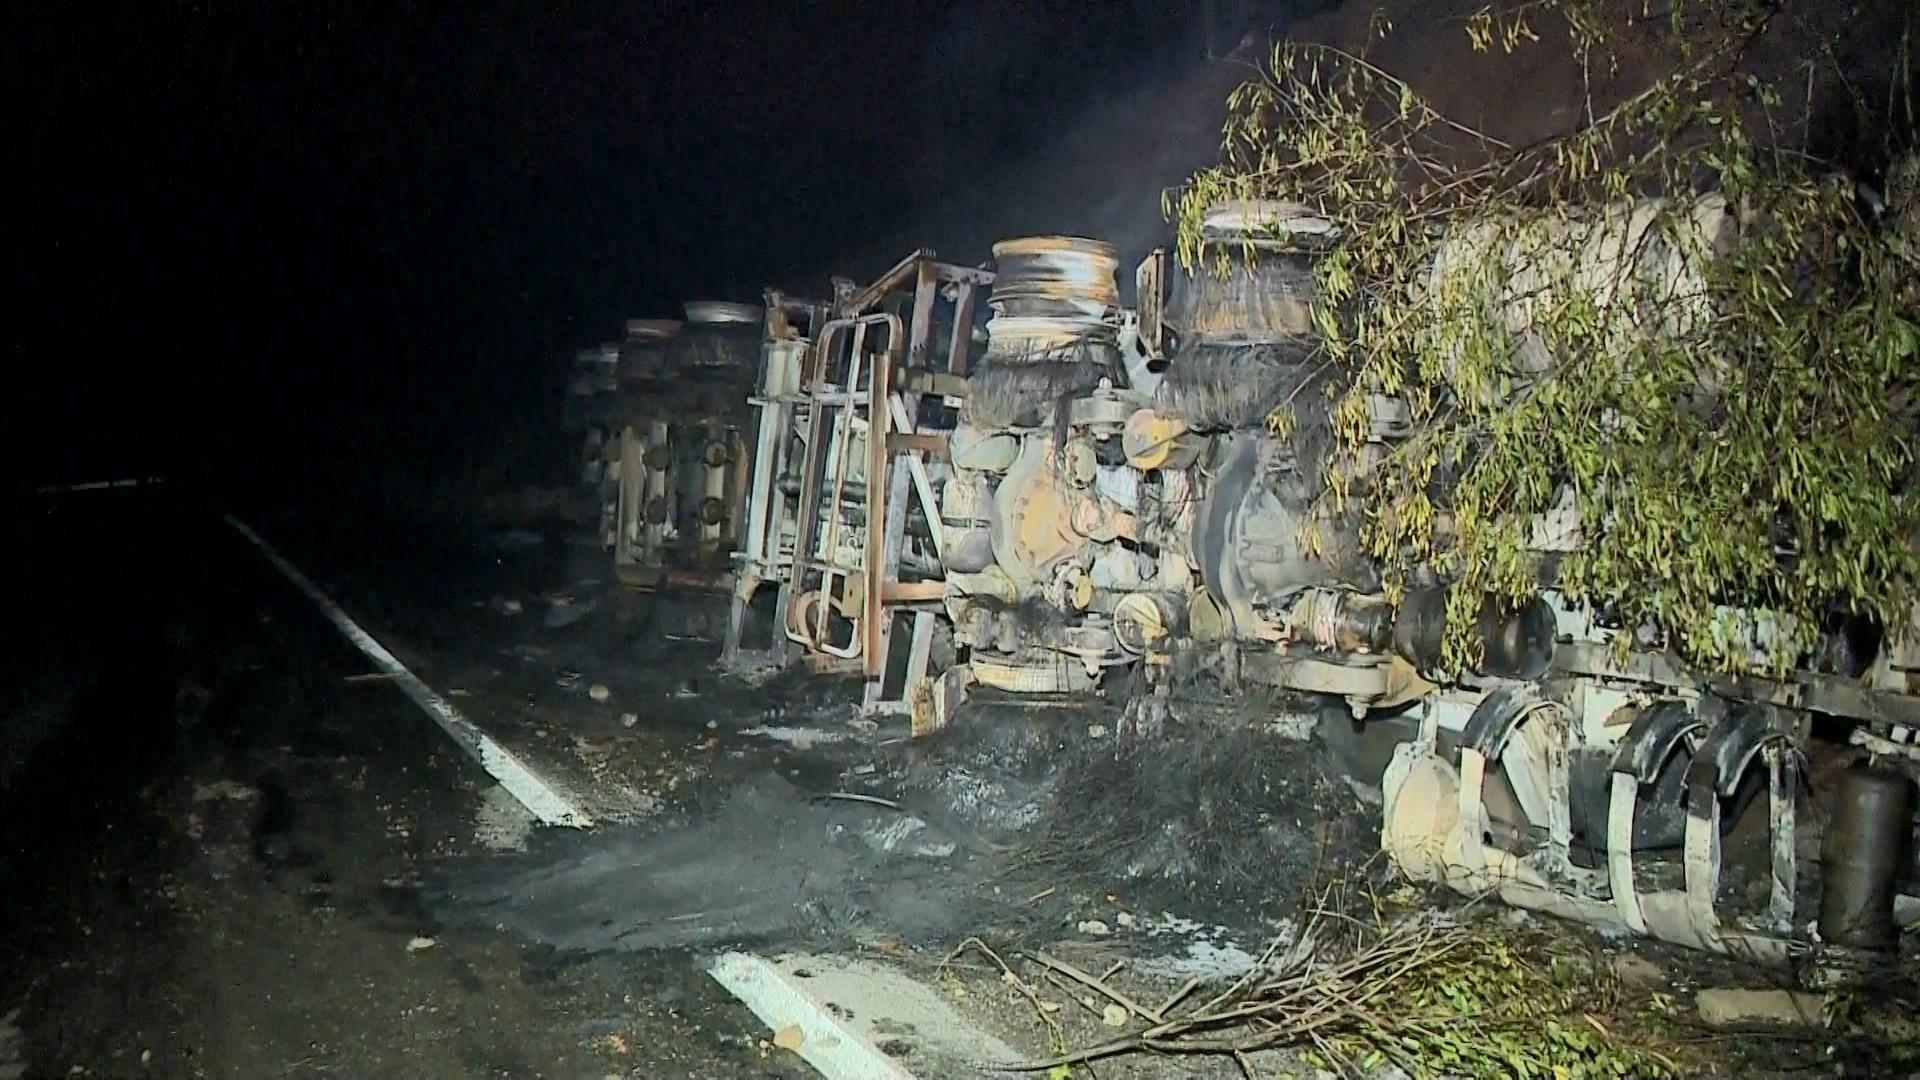 Caminhão tomba e explode em estrada que liga Cachoeiro a Vargem Alta no ES